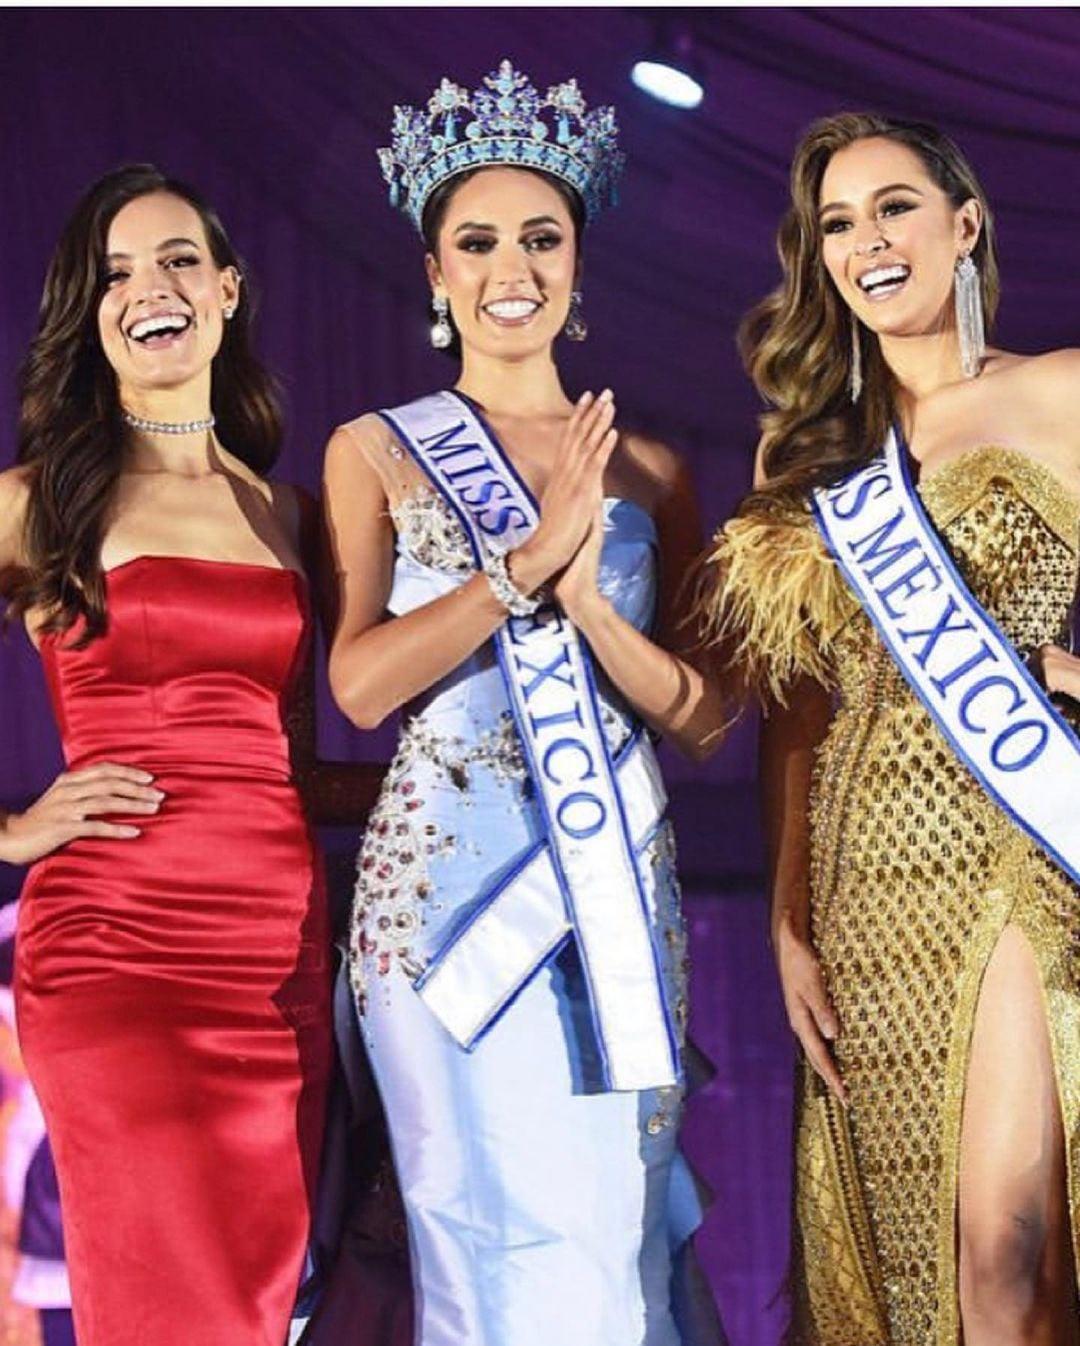 Tân Hoa hậu Mexico: Dáng vóc nóng bỏng, thông thạo 4 thứ tiếng - 3